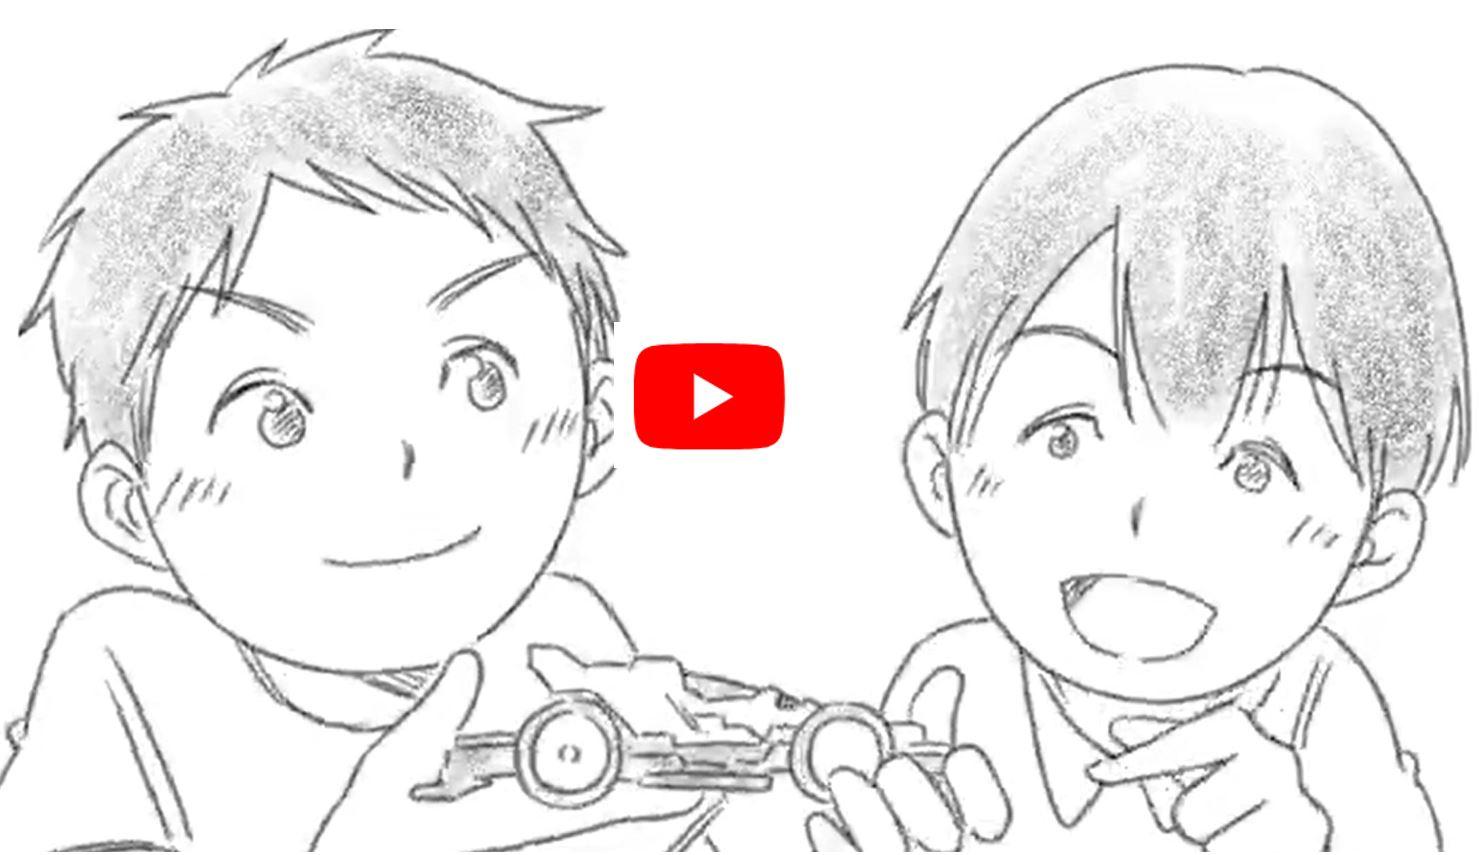 【近日公開】パラパラ漫画第3弾「好きが繋がる編」